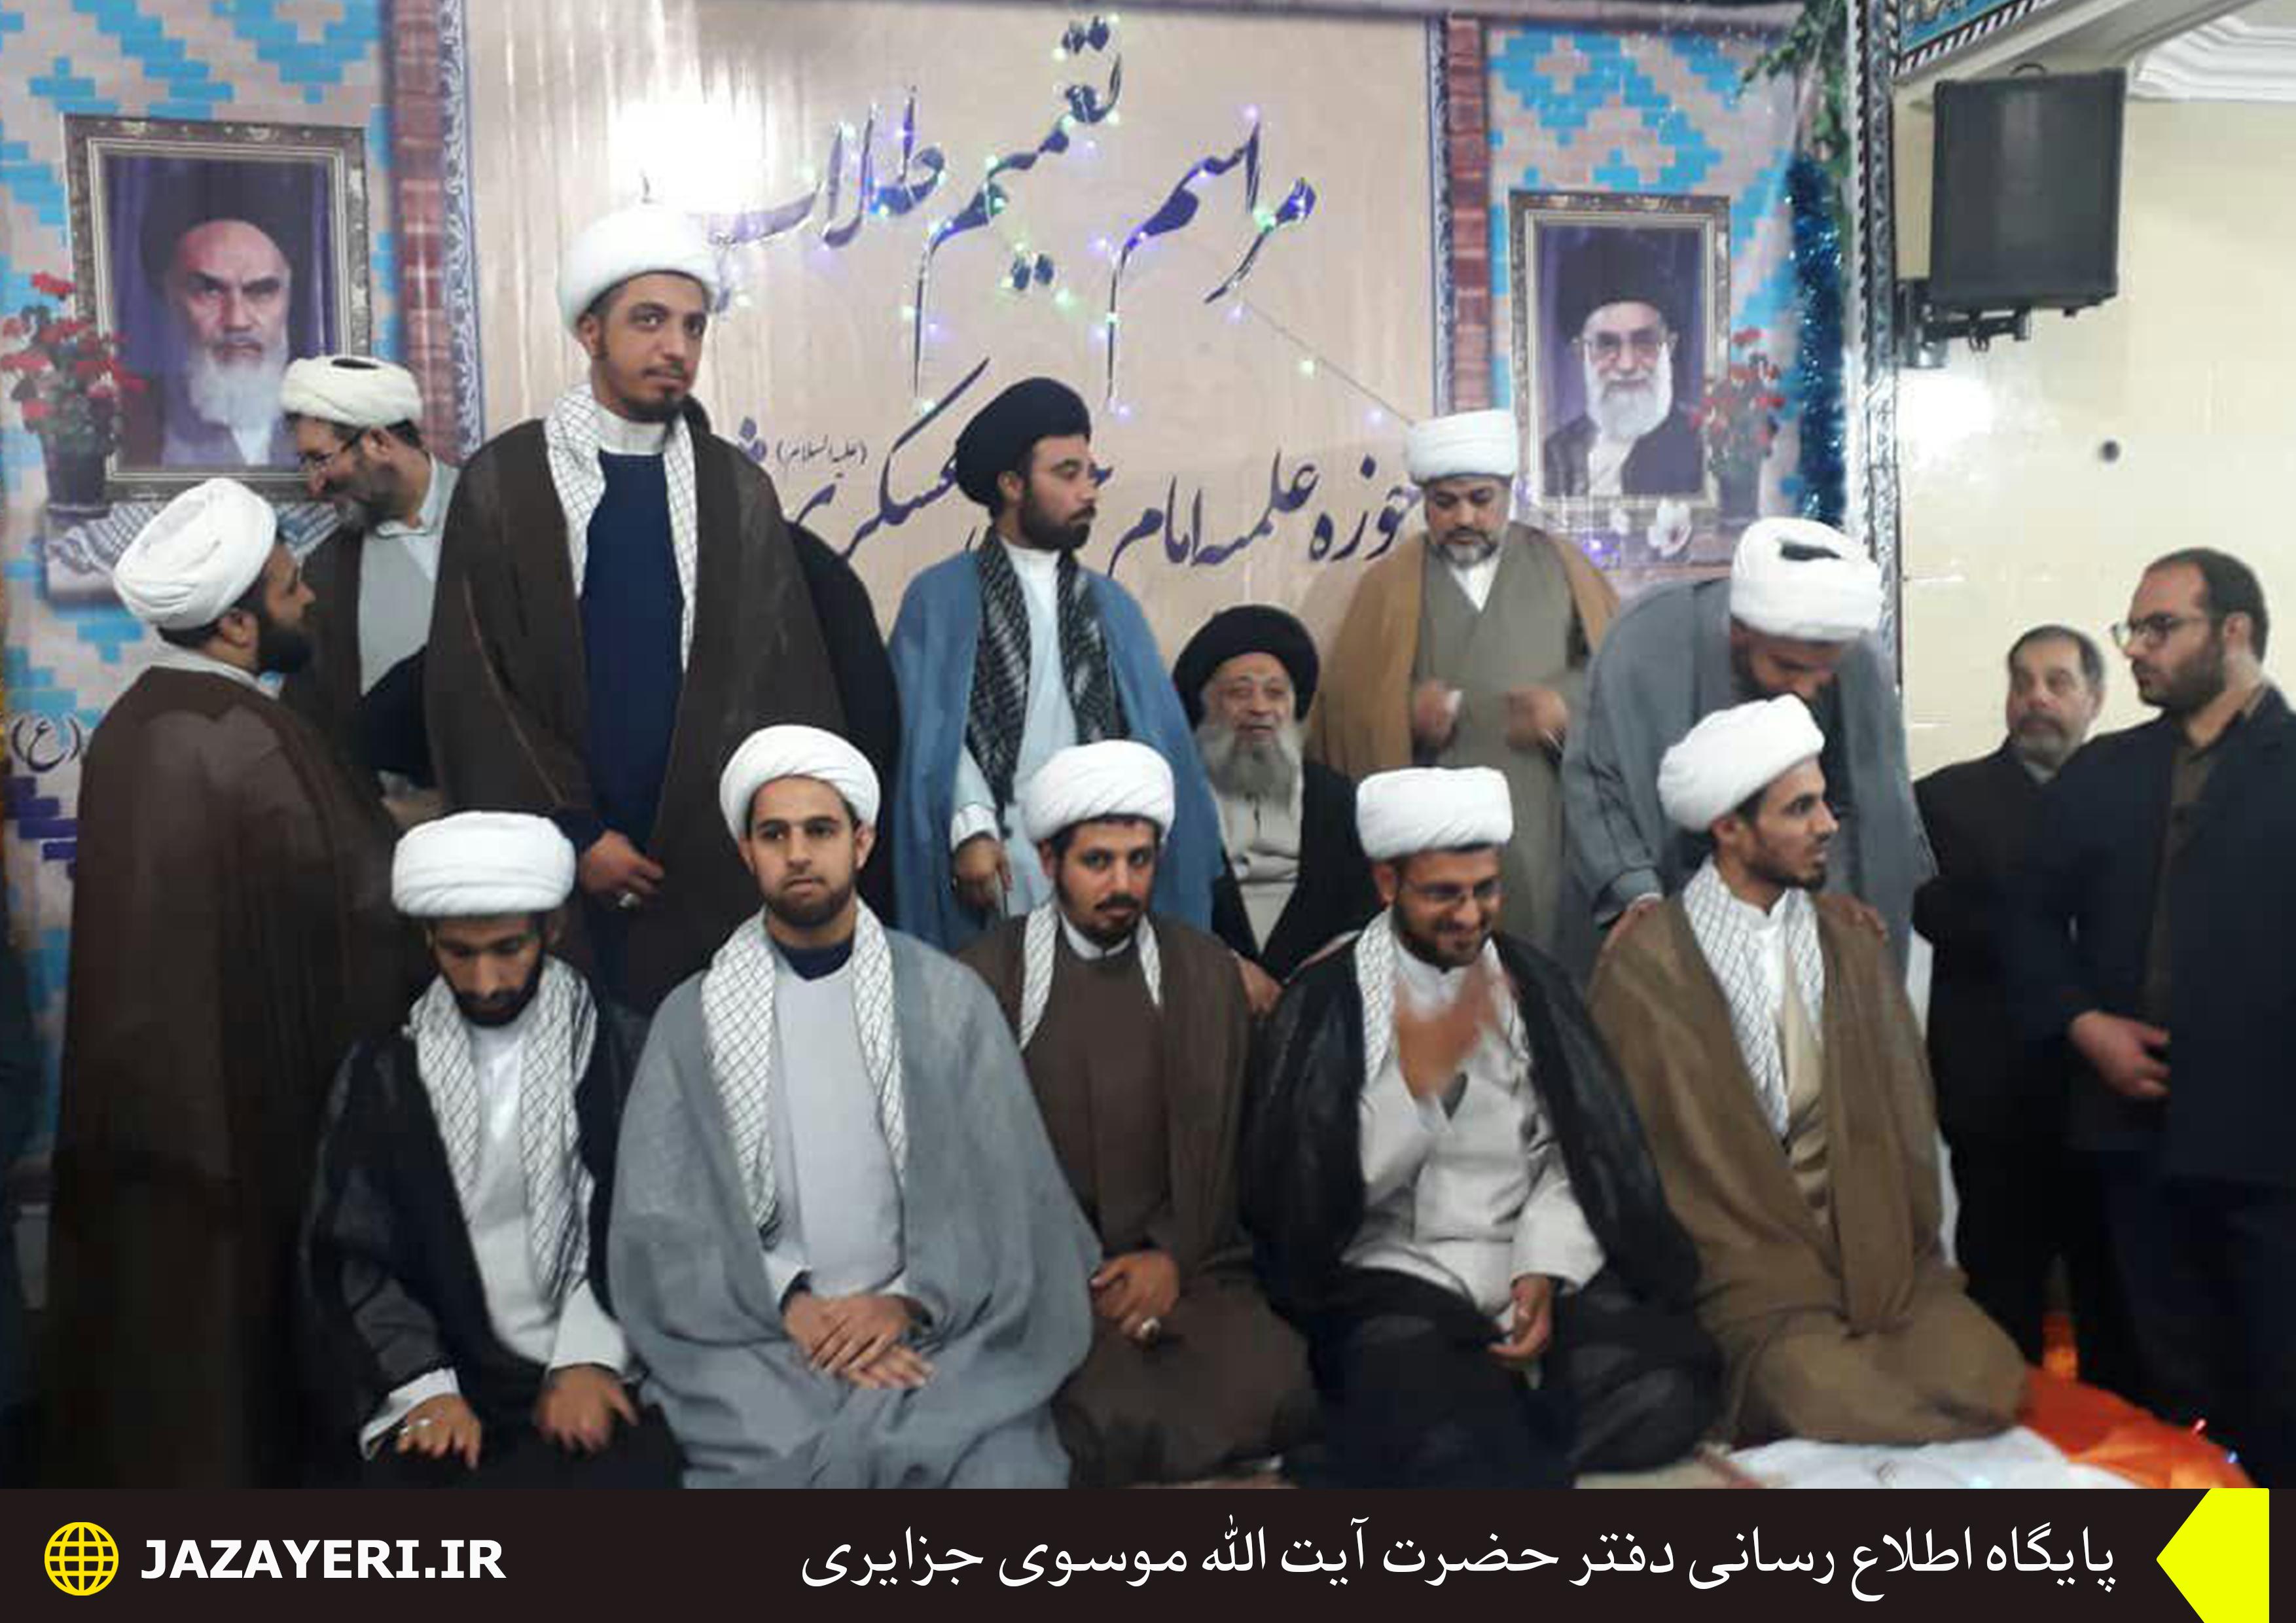 مراسم عمامه گذاری جمعی از طلاب حوزه علمیه امام حسن عسکری(ع) شهر ویس